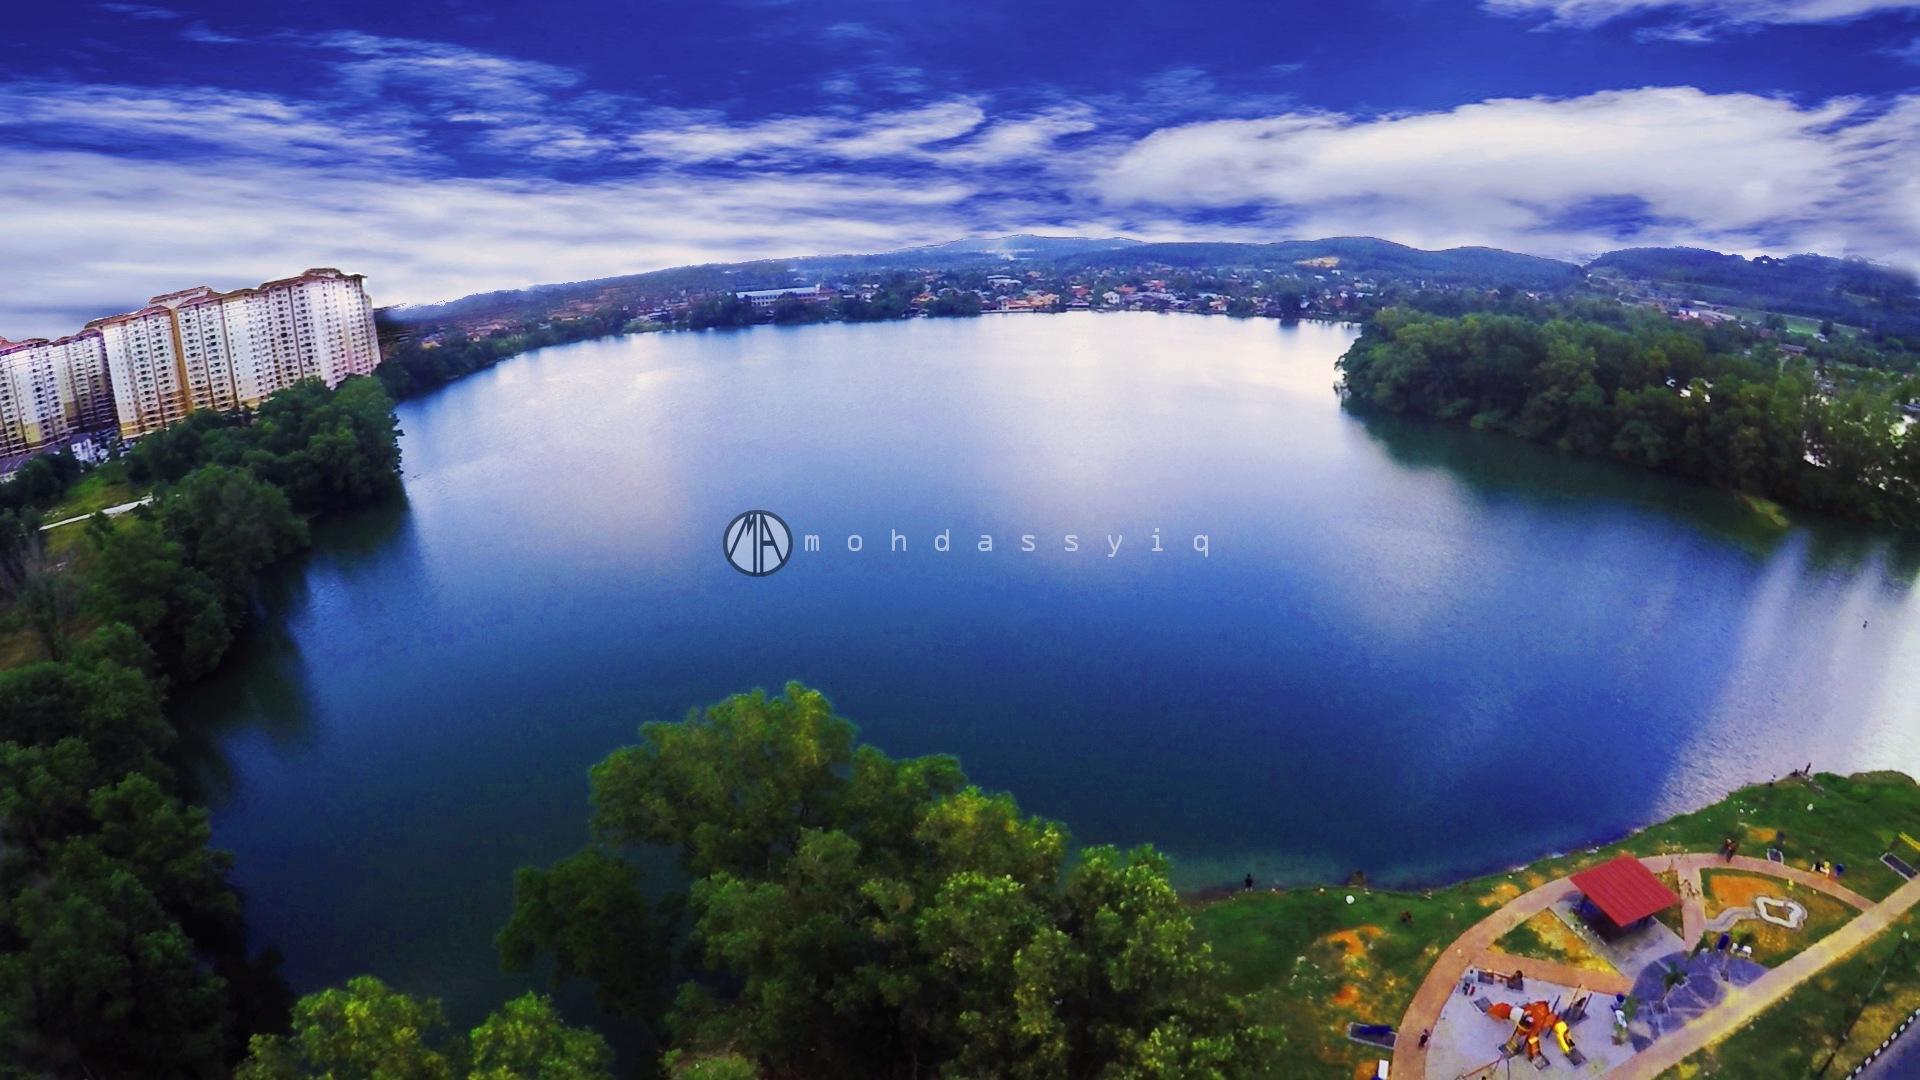 Blue Lake by Mohd Assyiq